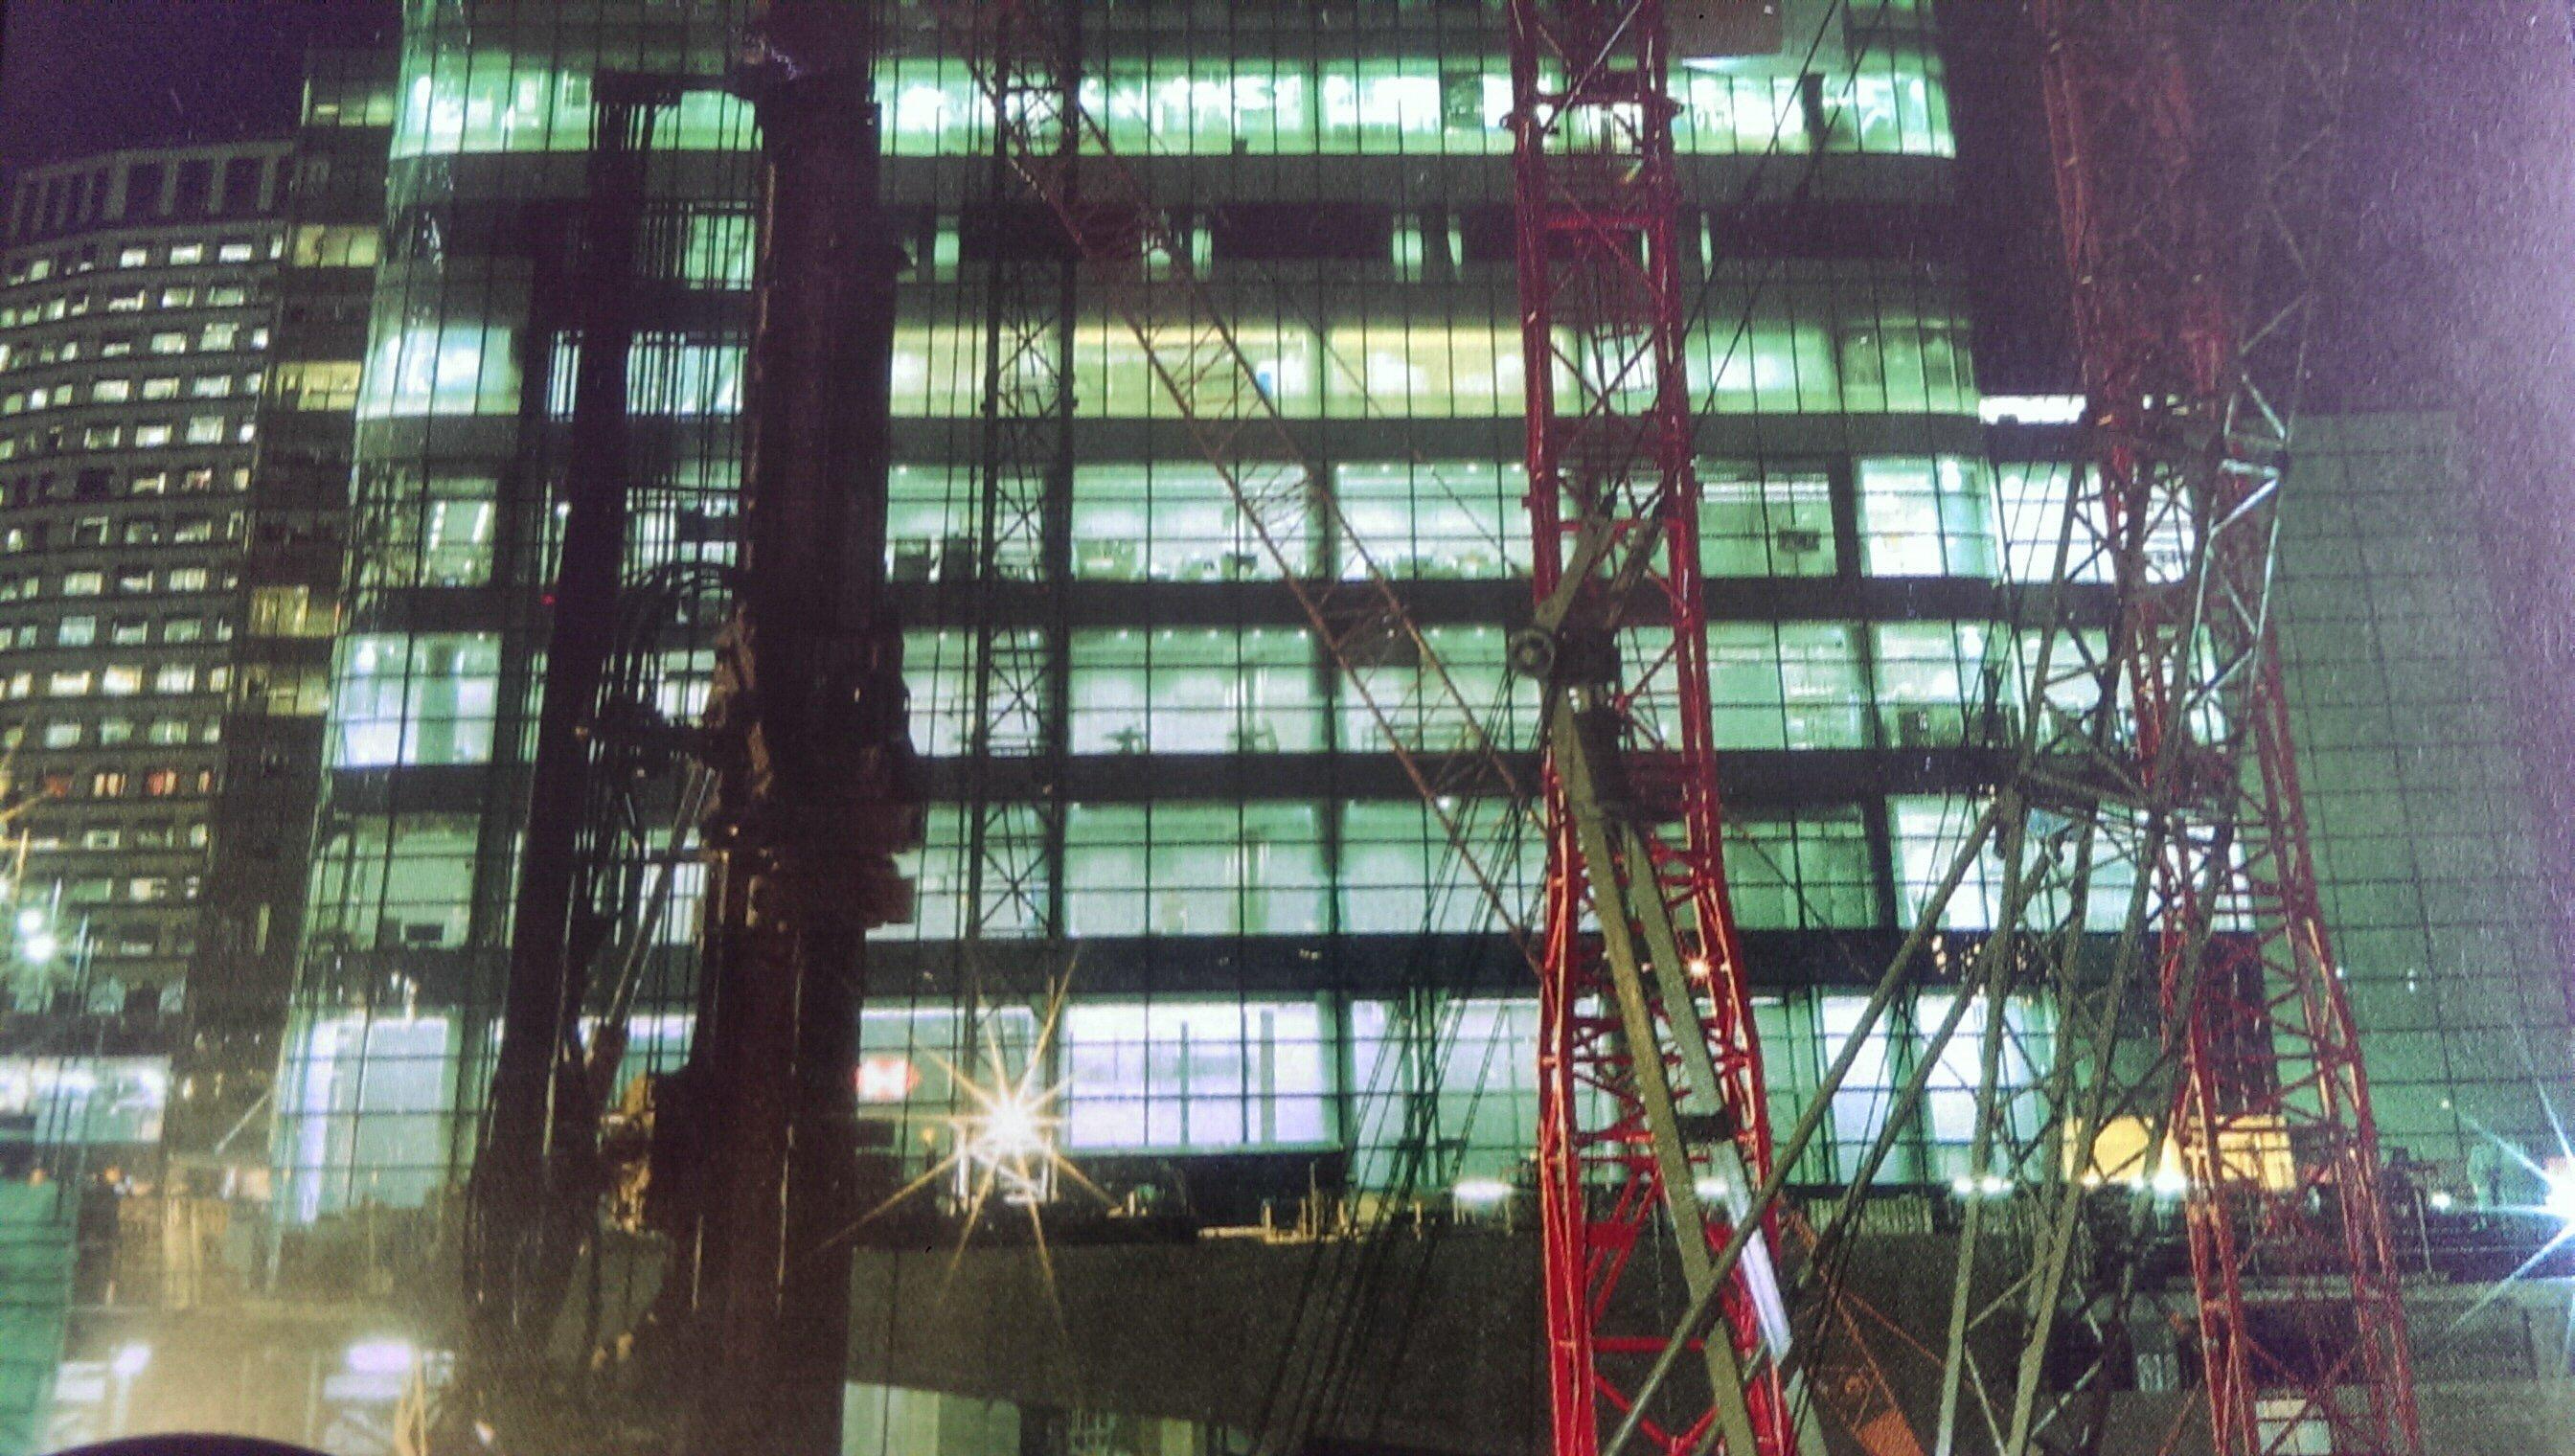 Groen licht op bouwplaatsen | LICHT is LEVEN